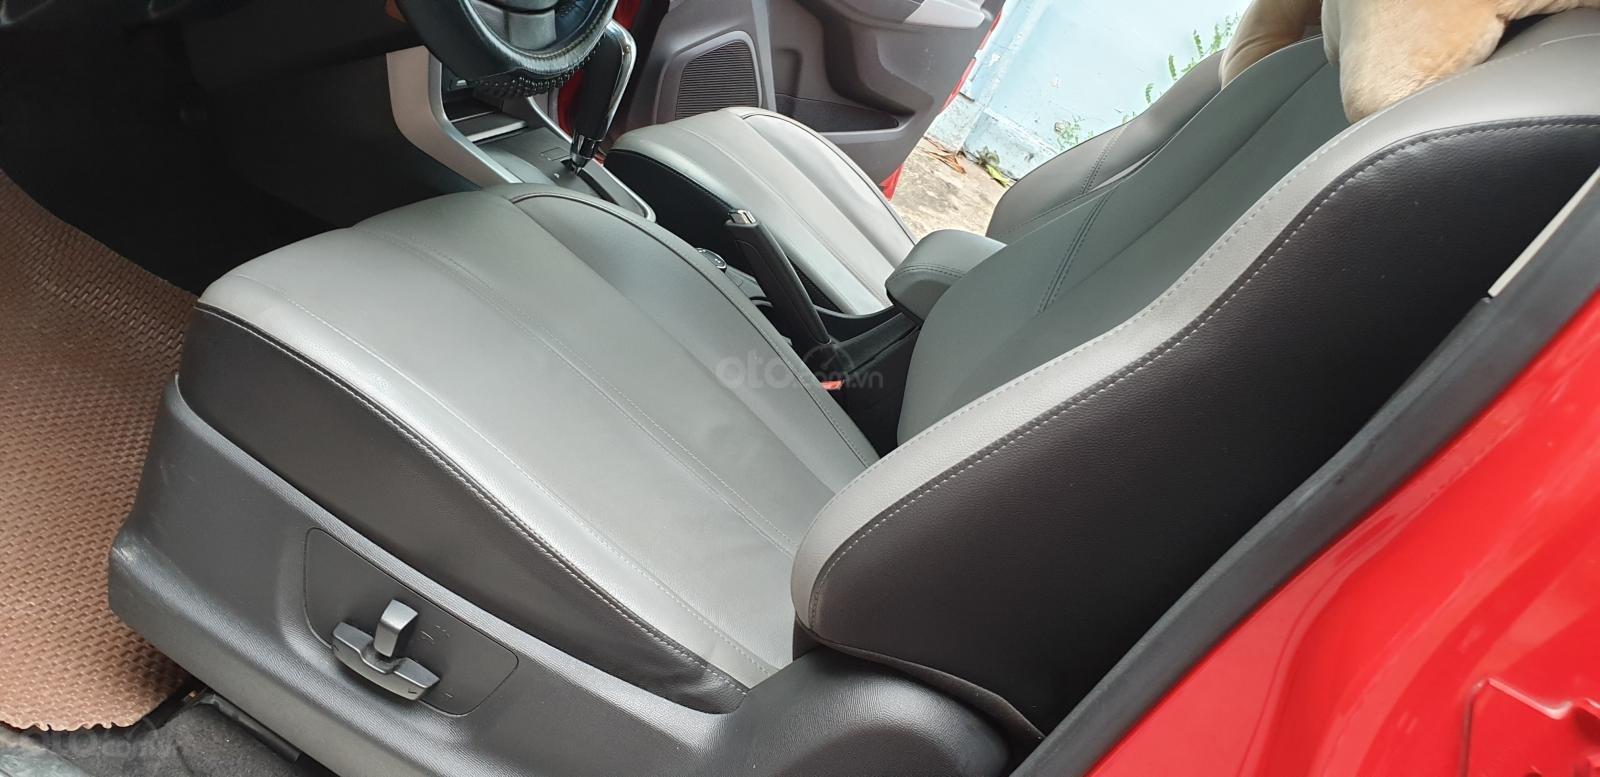 Bán Chevrolet Colorado LTZ 2 cầu số tự động đời 2017 màu đỏ nhập mới 80% (12)